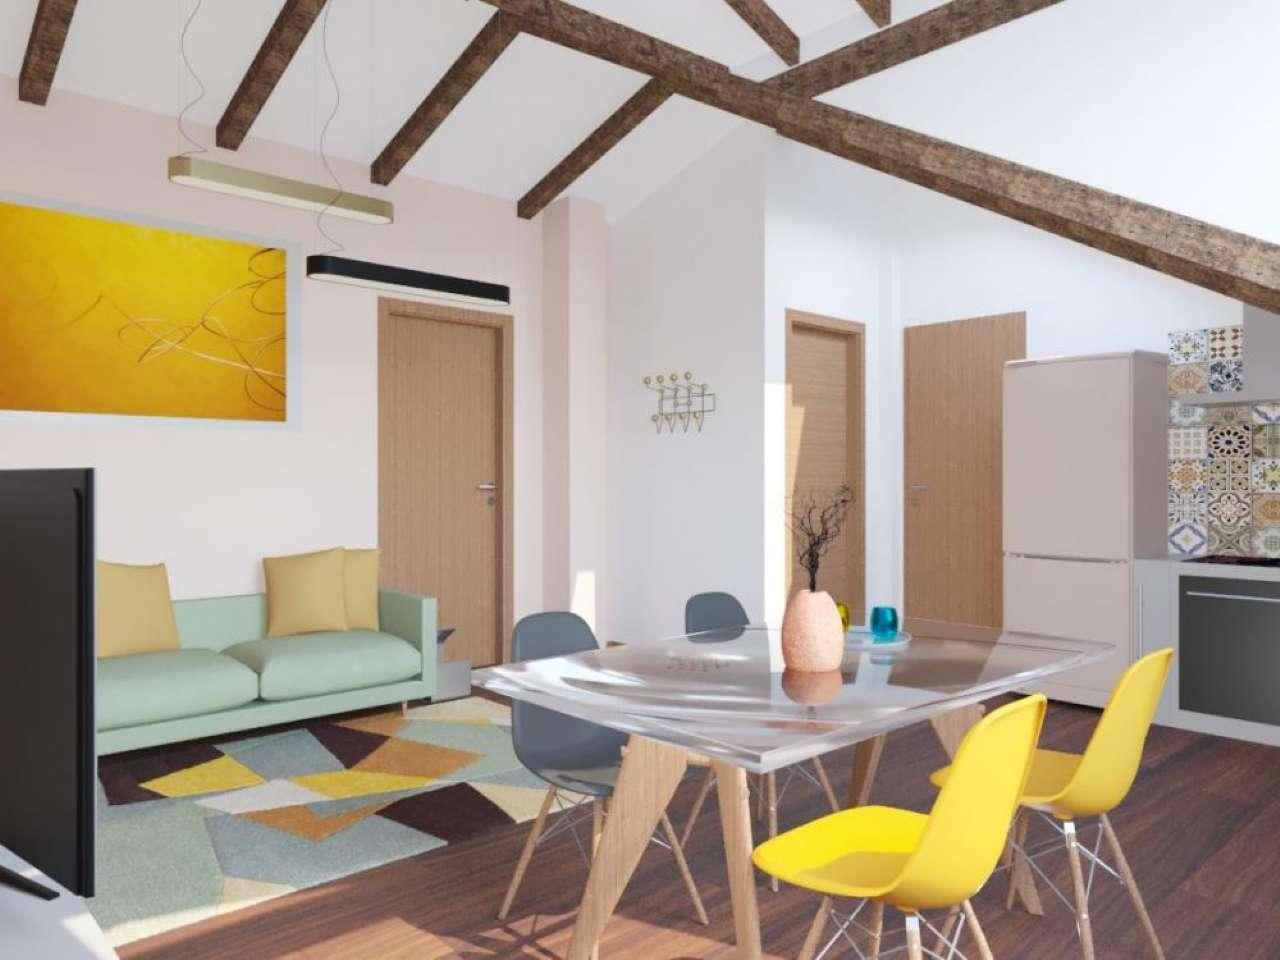 Foto 1 di Appartamento via ASTI, Torino (zona Precollina, Collina)